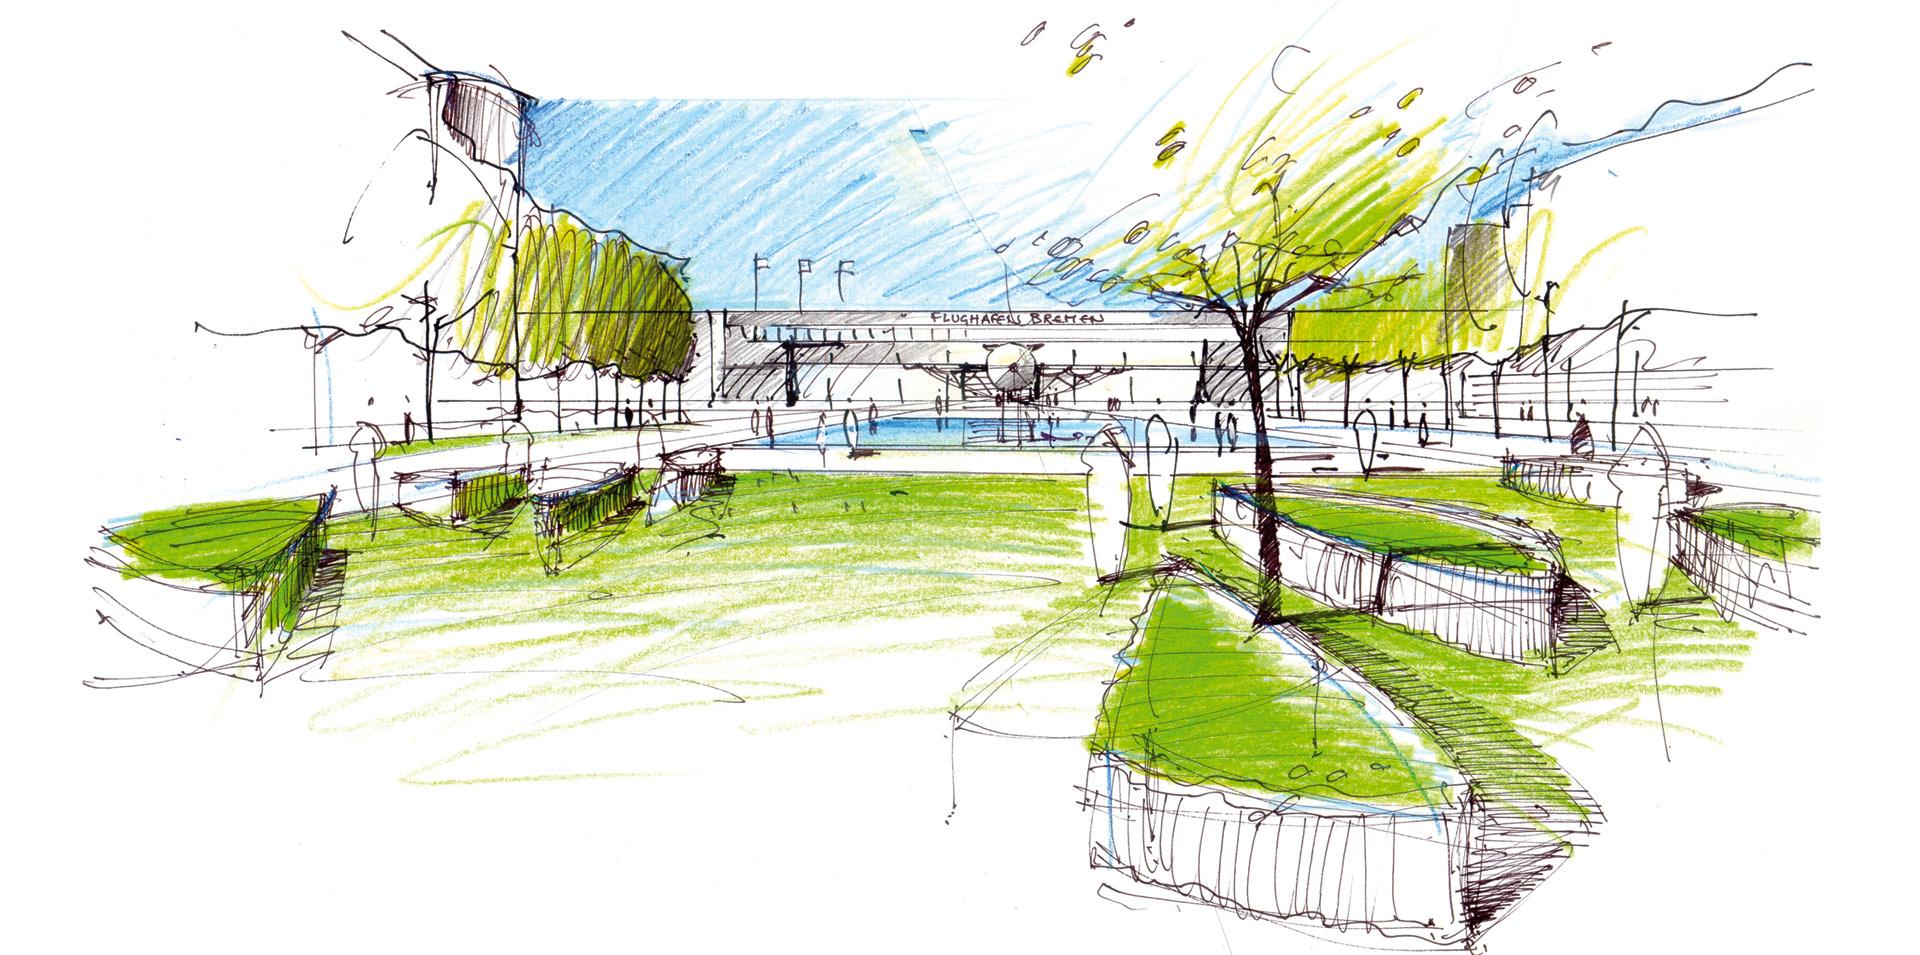 Landschaftsarchitekt| Kamel Louafi |Skizzen und Zeichnungen zu ...